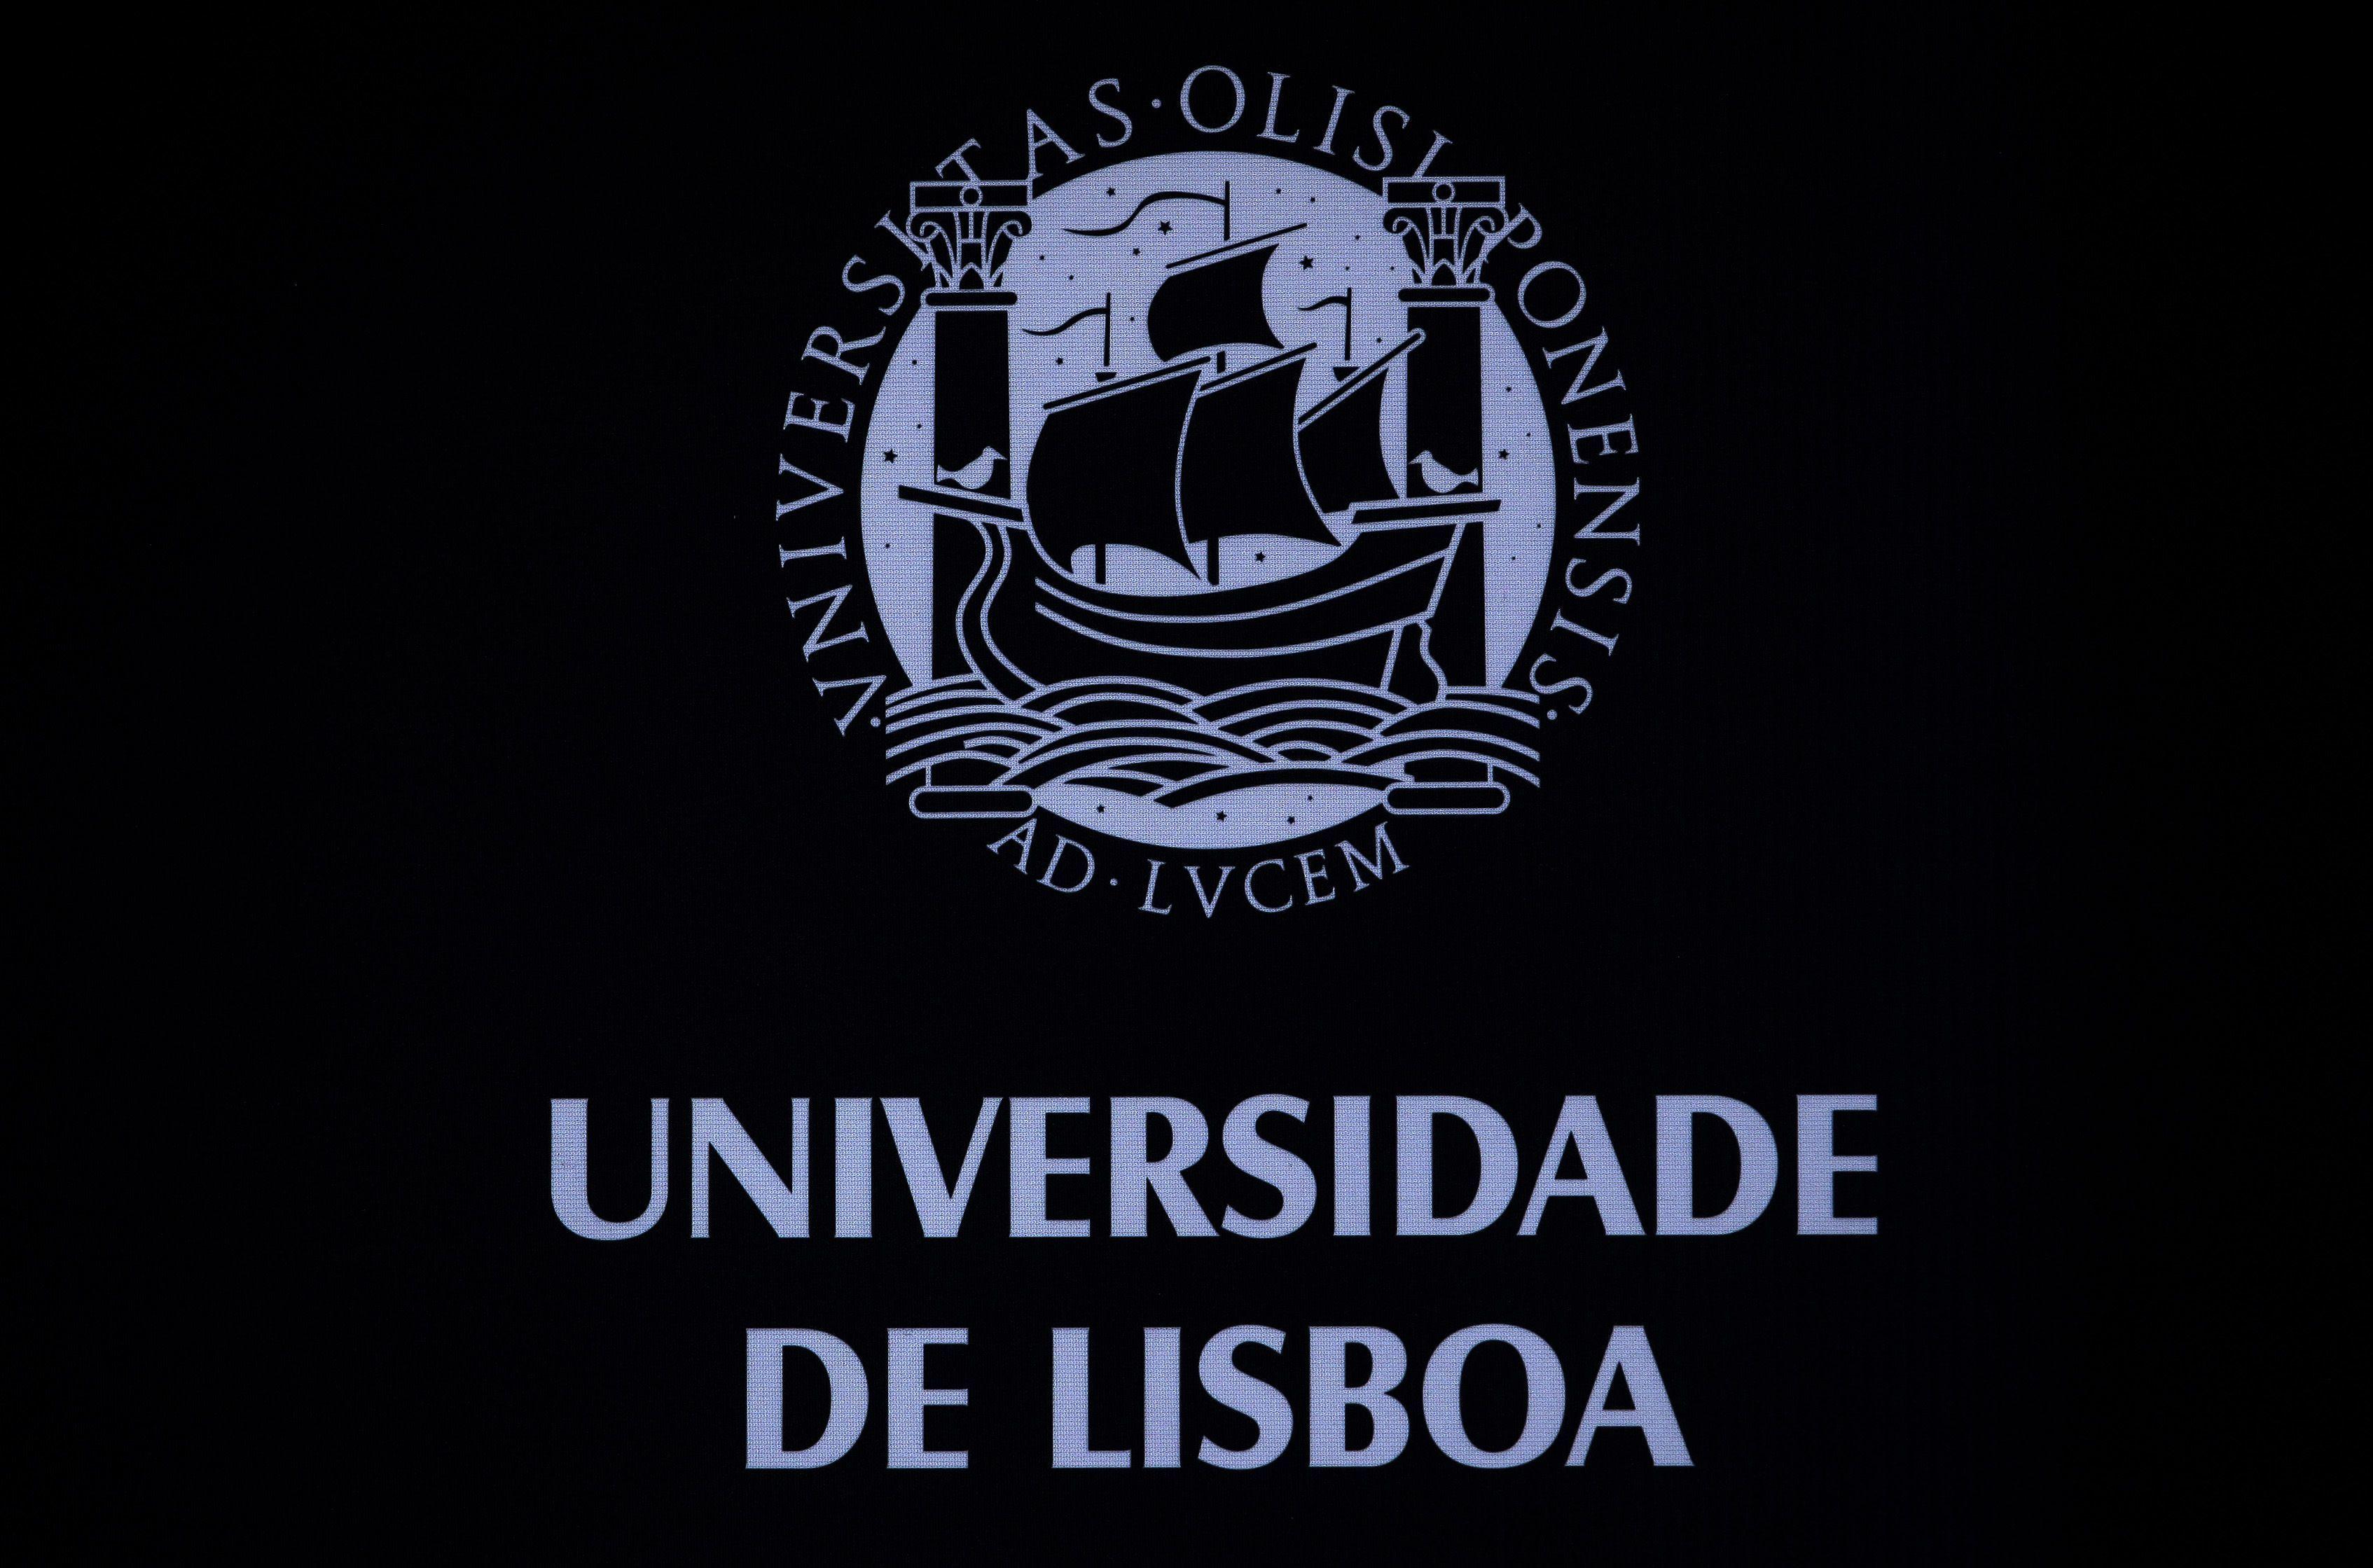 Universidade de Lisboa investe 30 milhões em alojamento para estudantes